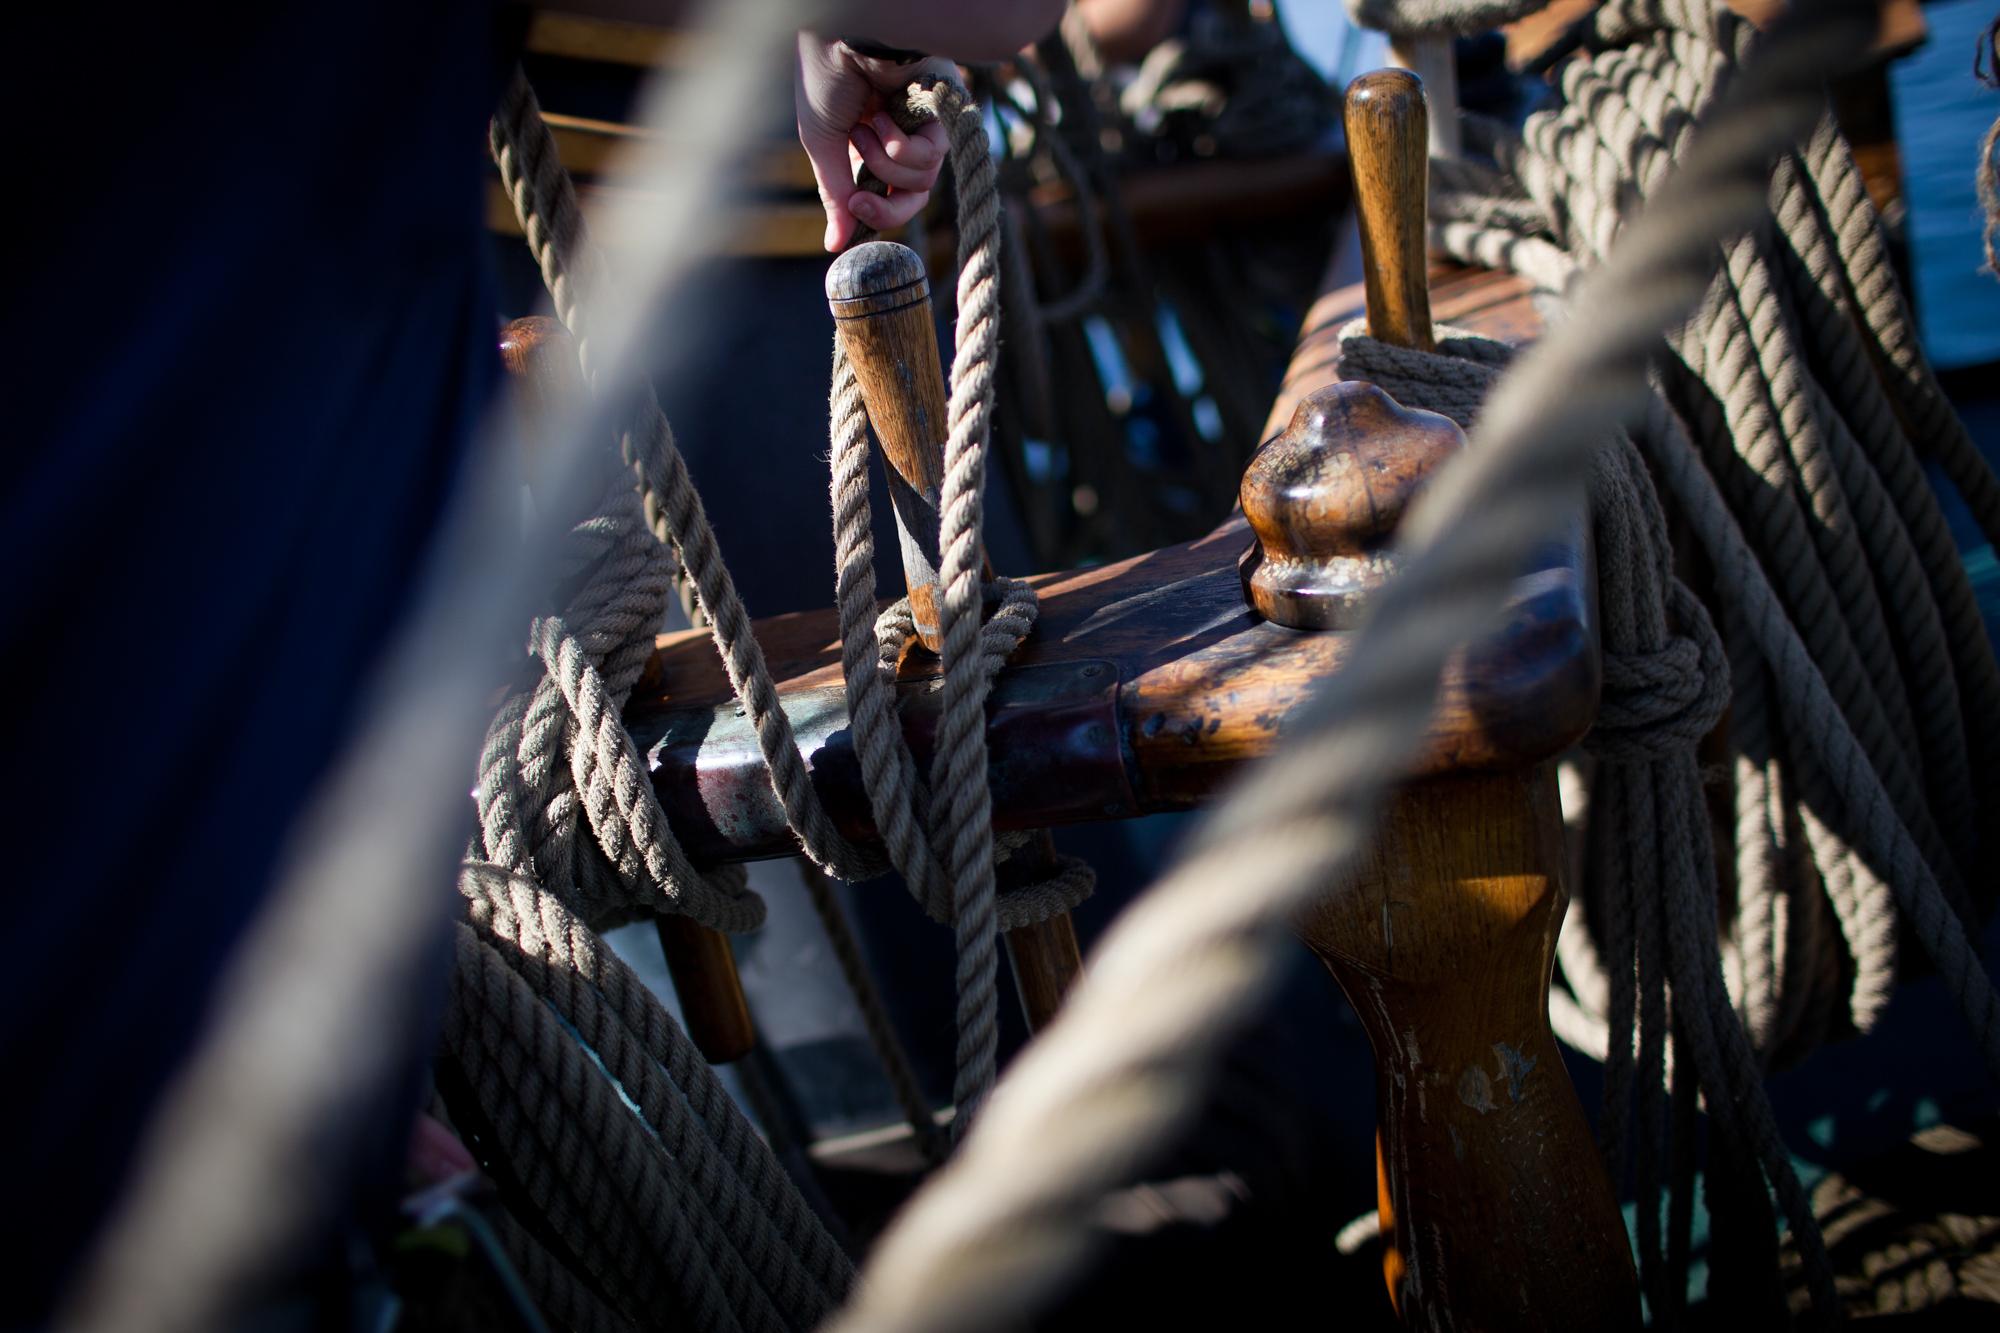 Dem Mast umgibt viel Seile. Diese sind verantowrtlich fuer die Bedinung der einzelnen Segel. Charlotte Strauss auf dem Schiff Fridjof Nanson wo sie ihren Ausbildungsturn om 31. 7 bis 5. 8 absolviert. Fotograf: Evi Lemberger